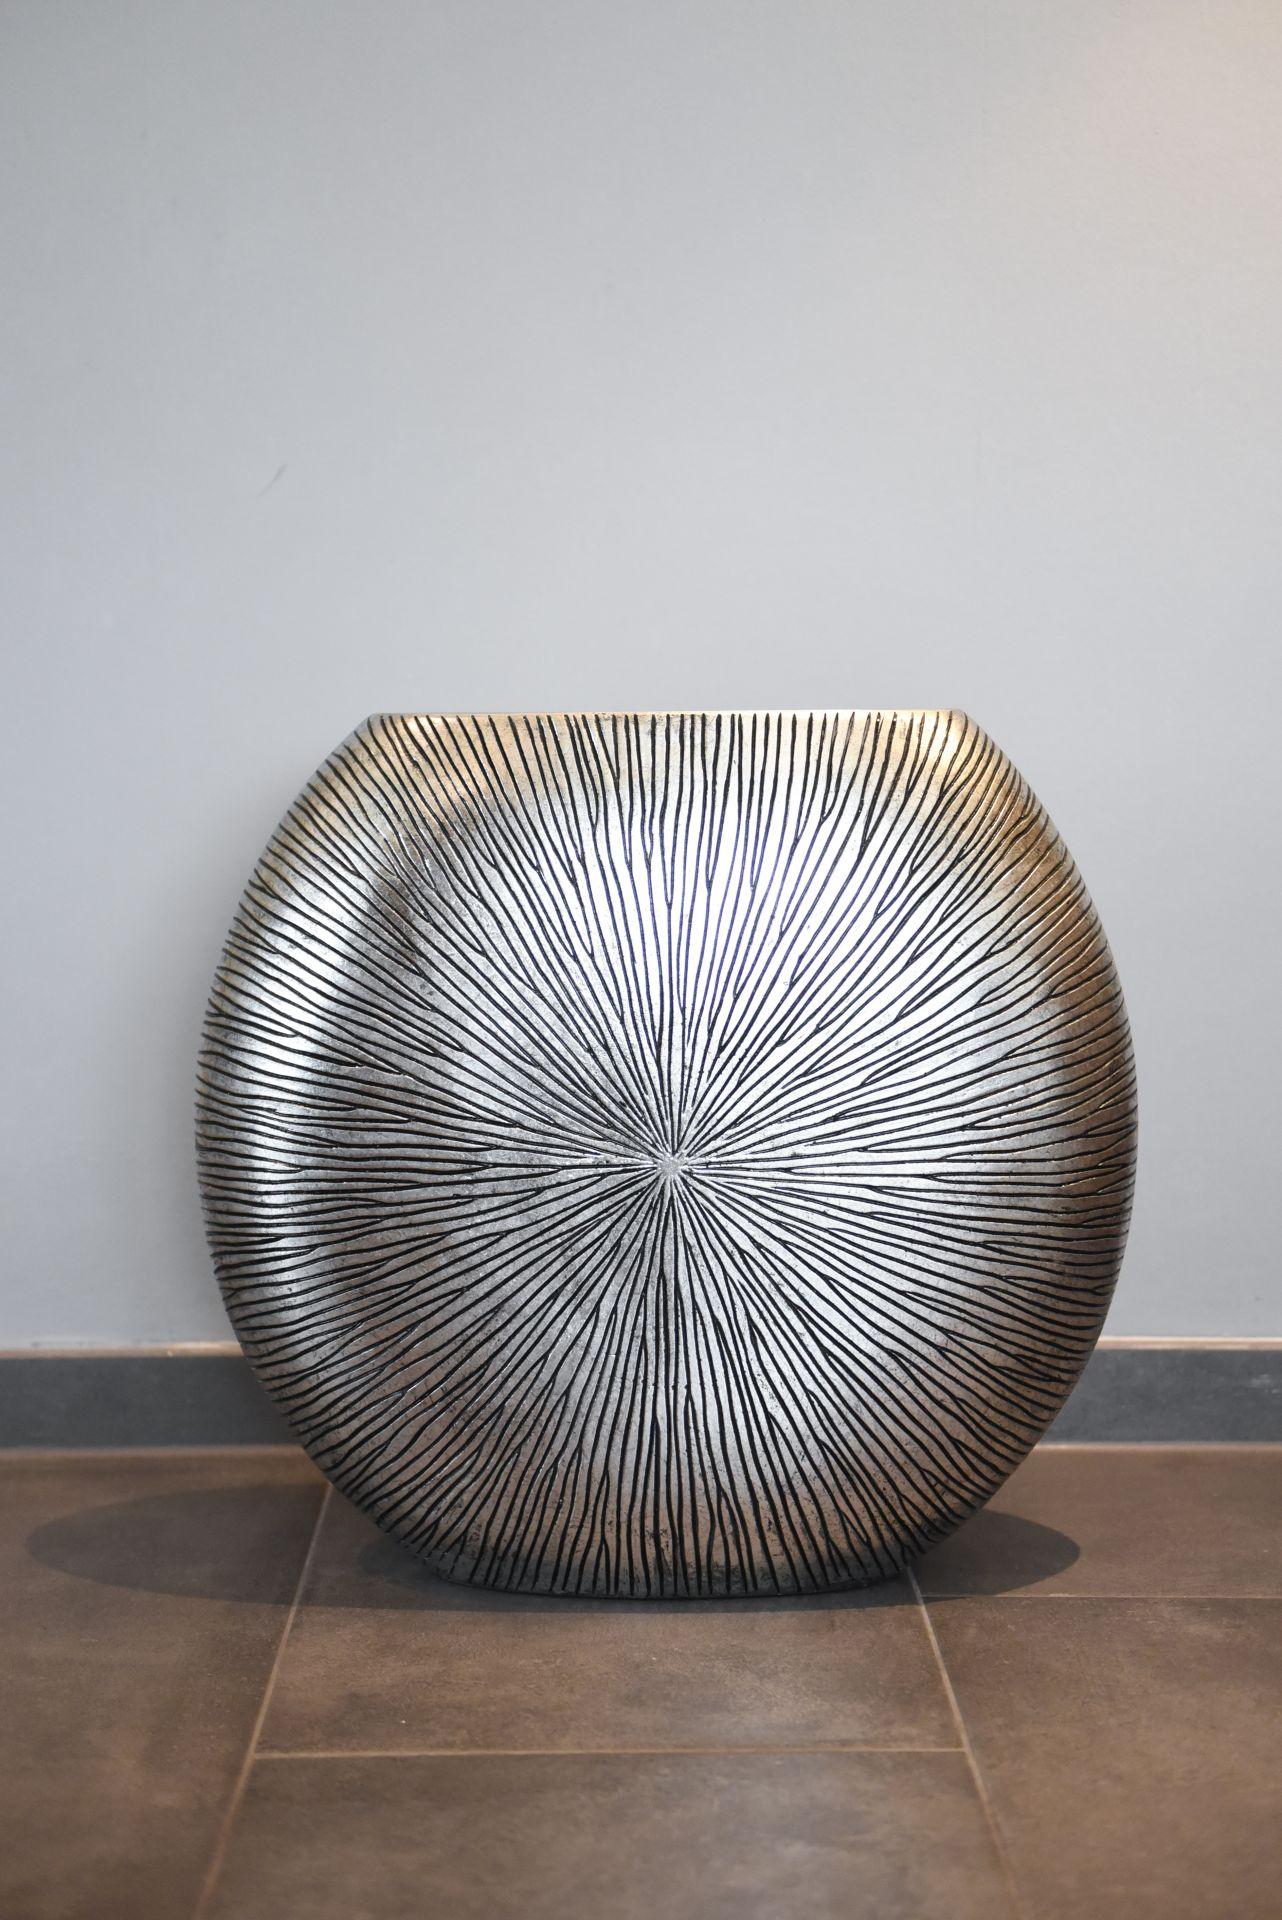 Vase Deko Bodenvase Fiberglas ATENA 50x55x18 cm, Silber